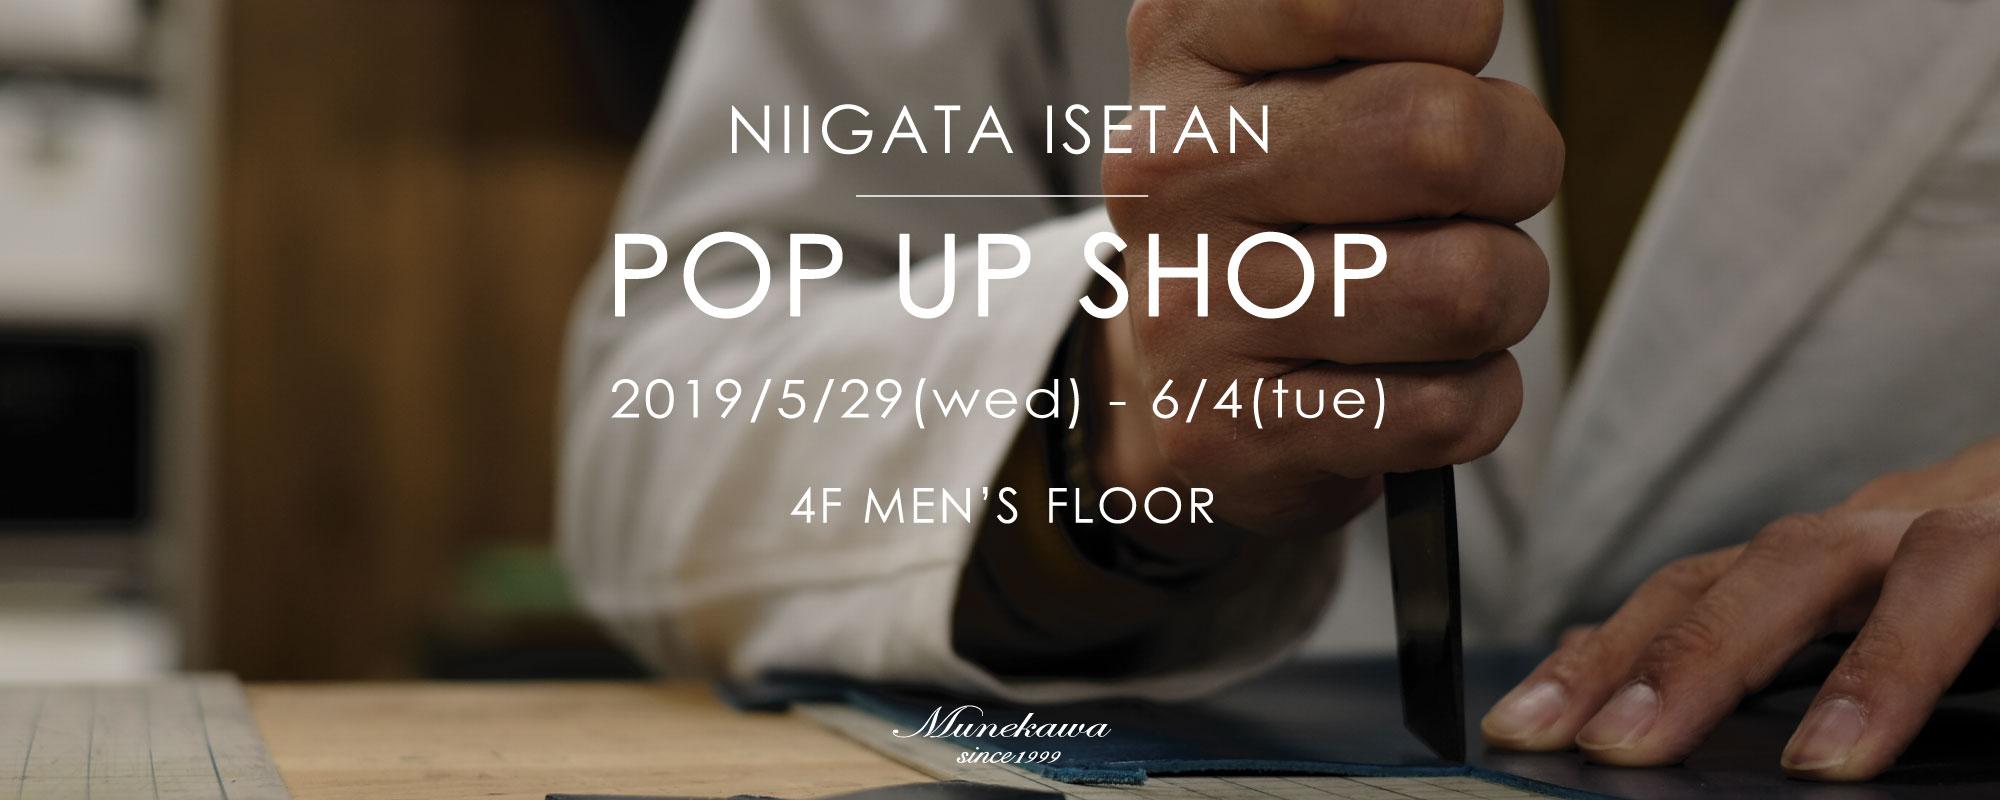 Munekawa POP UP SHOP 新潟伊勢丹